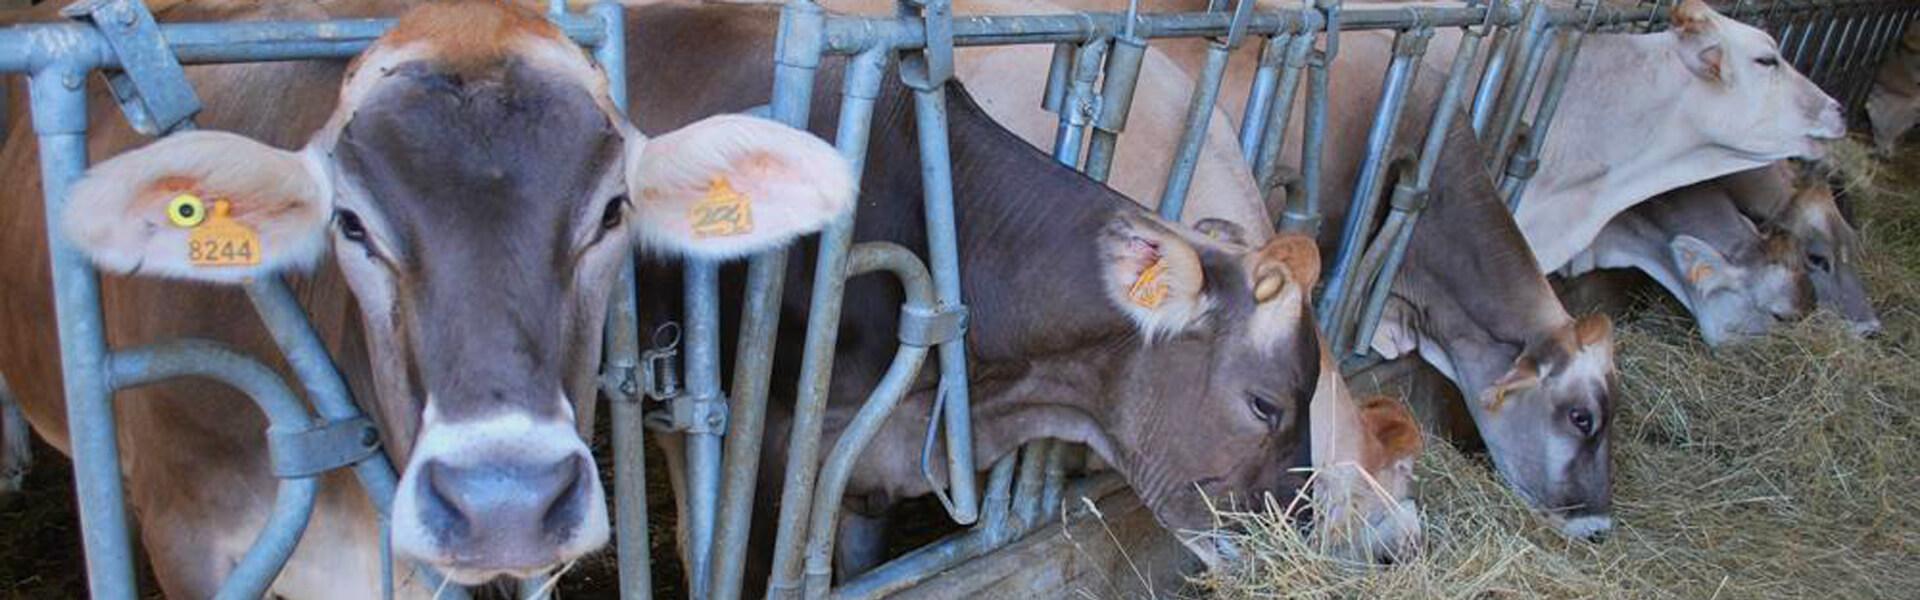 Le bovine nella stalla